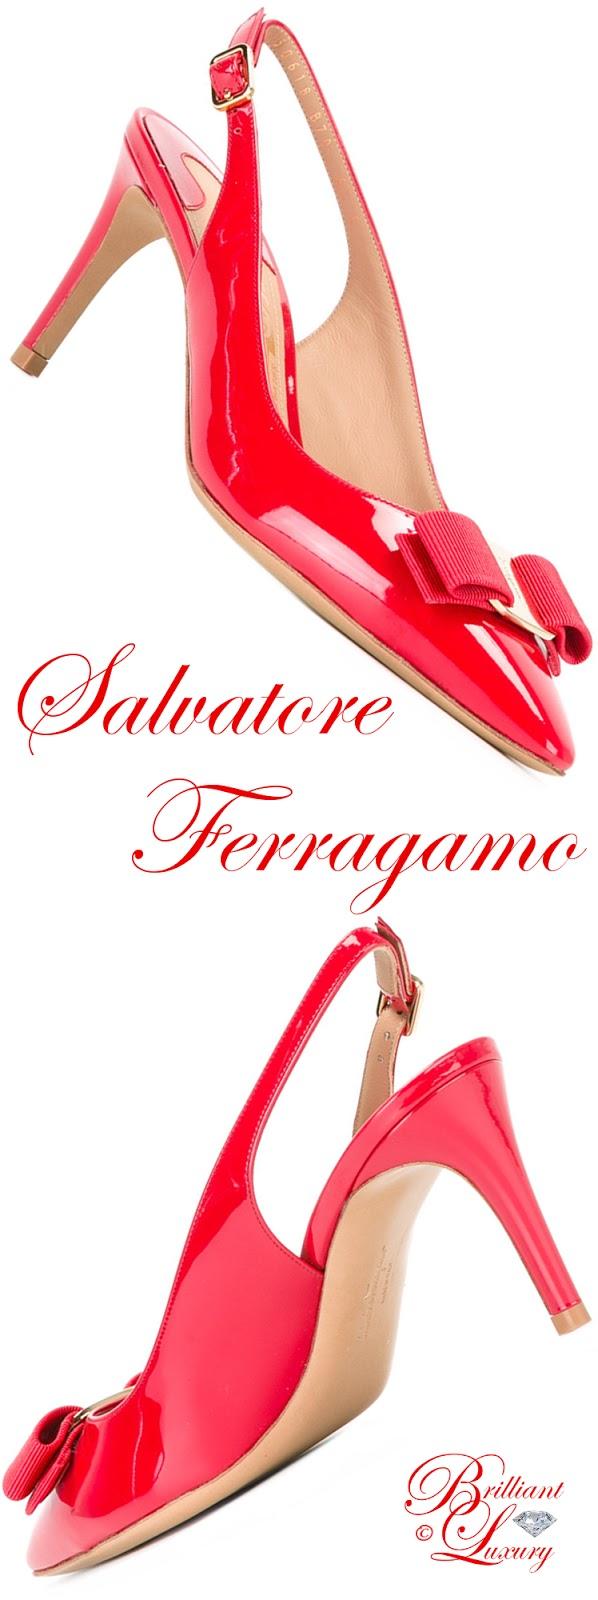 Brilliant Luxury ♦ Salvatore Ferragamo Slingback Sandals